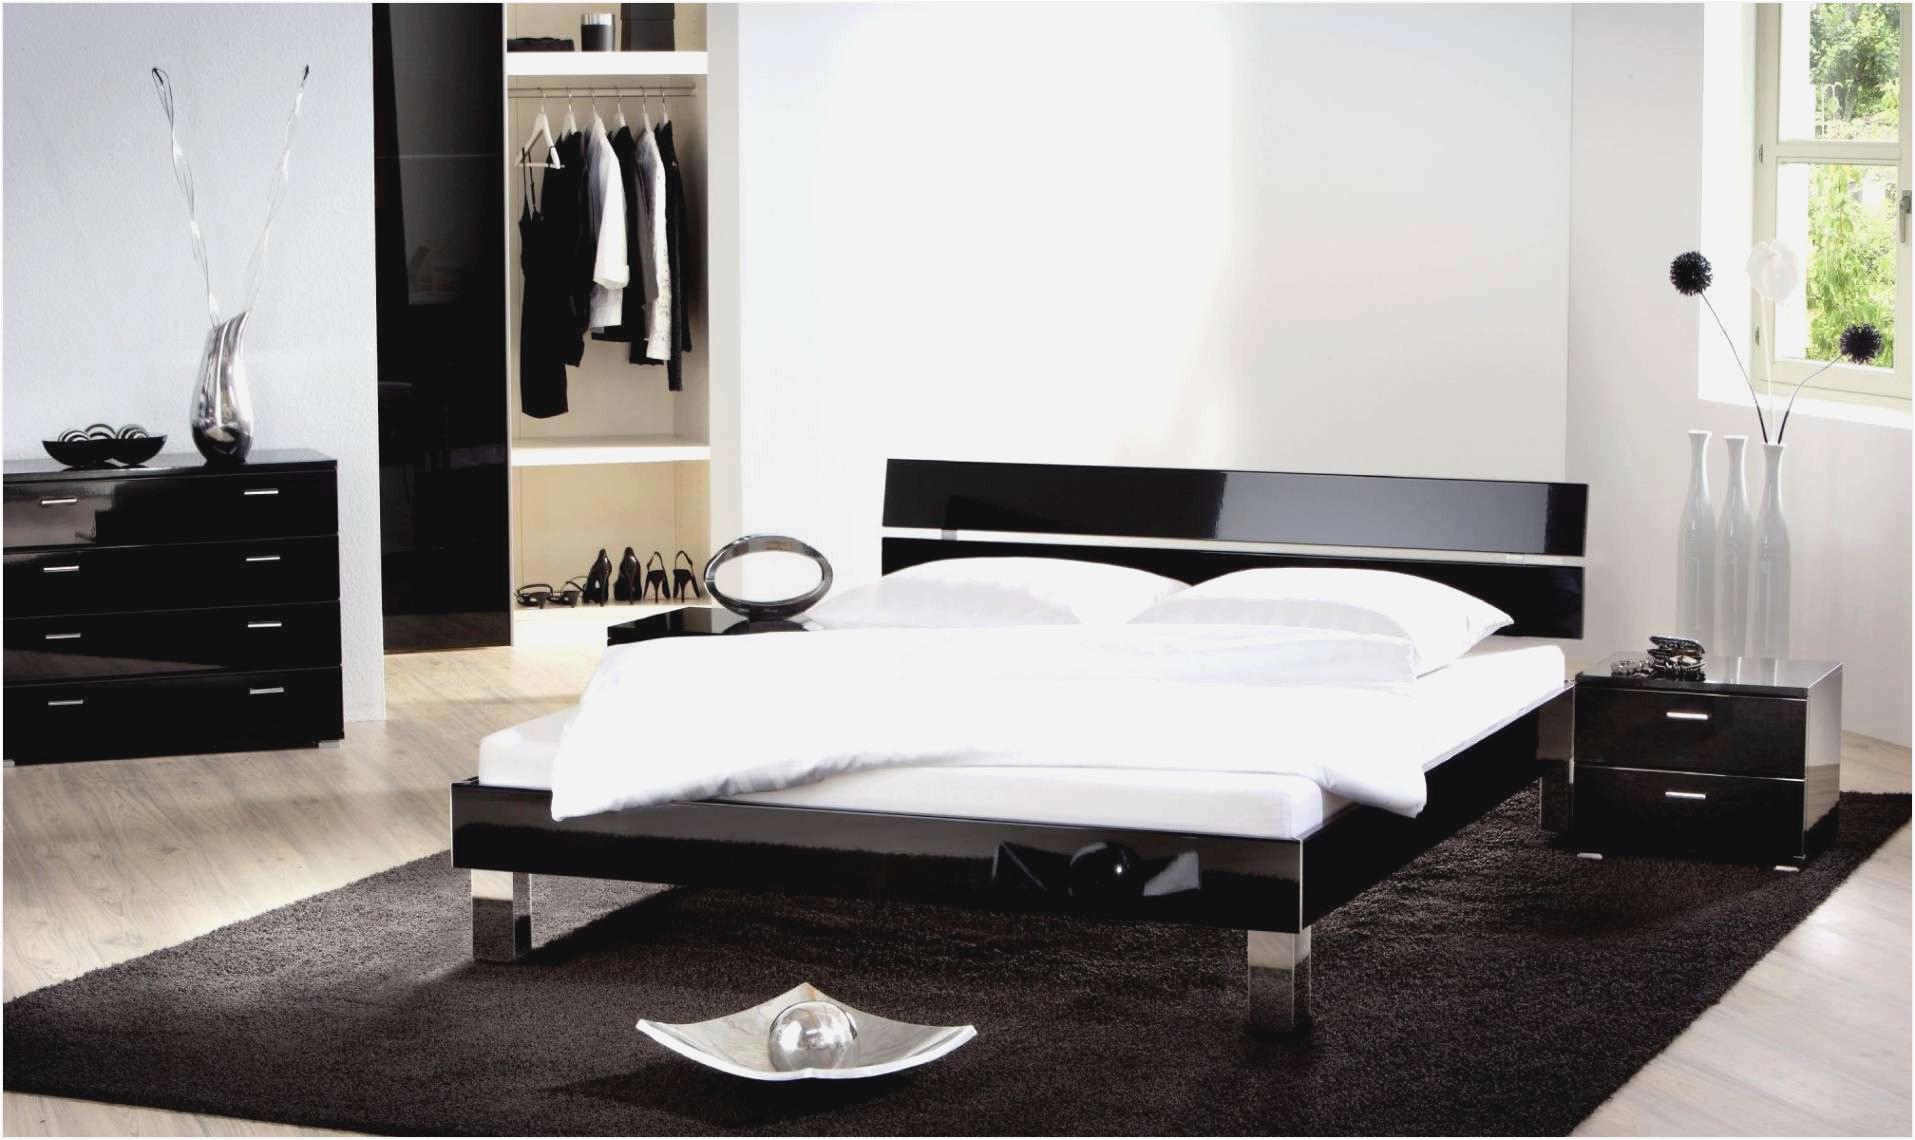 Schlafzimmer Neu Dekorieren Zimmer Deko Schlafzimmer Schlafzimmer Traumhaus